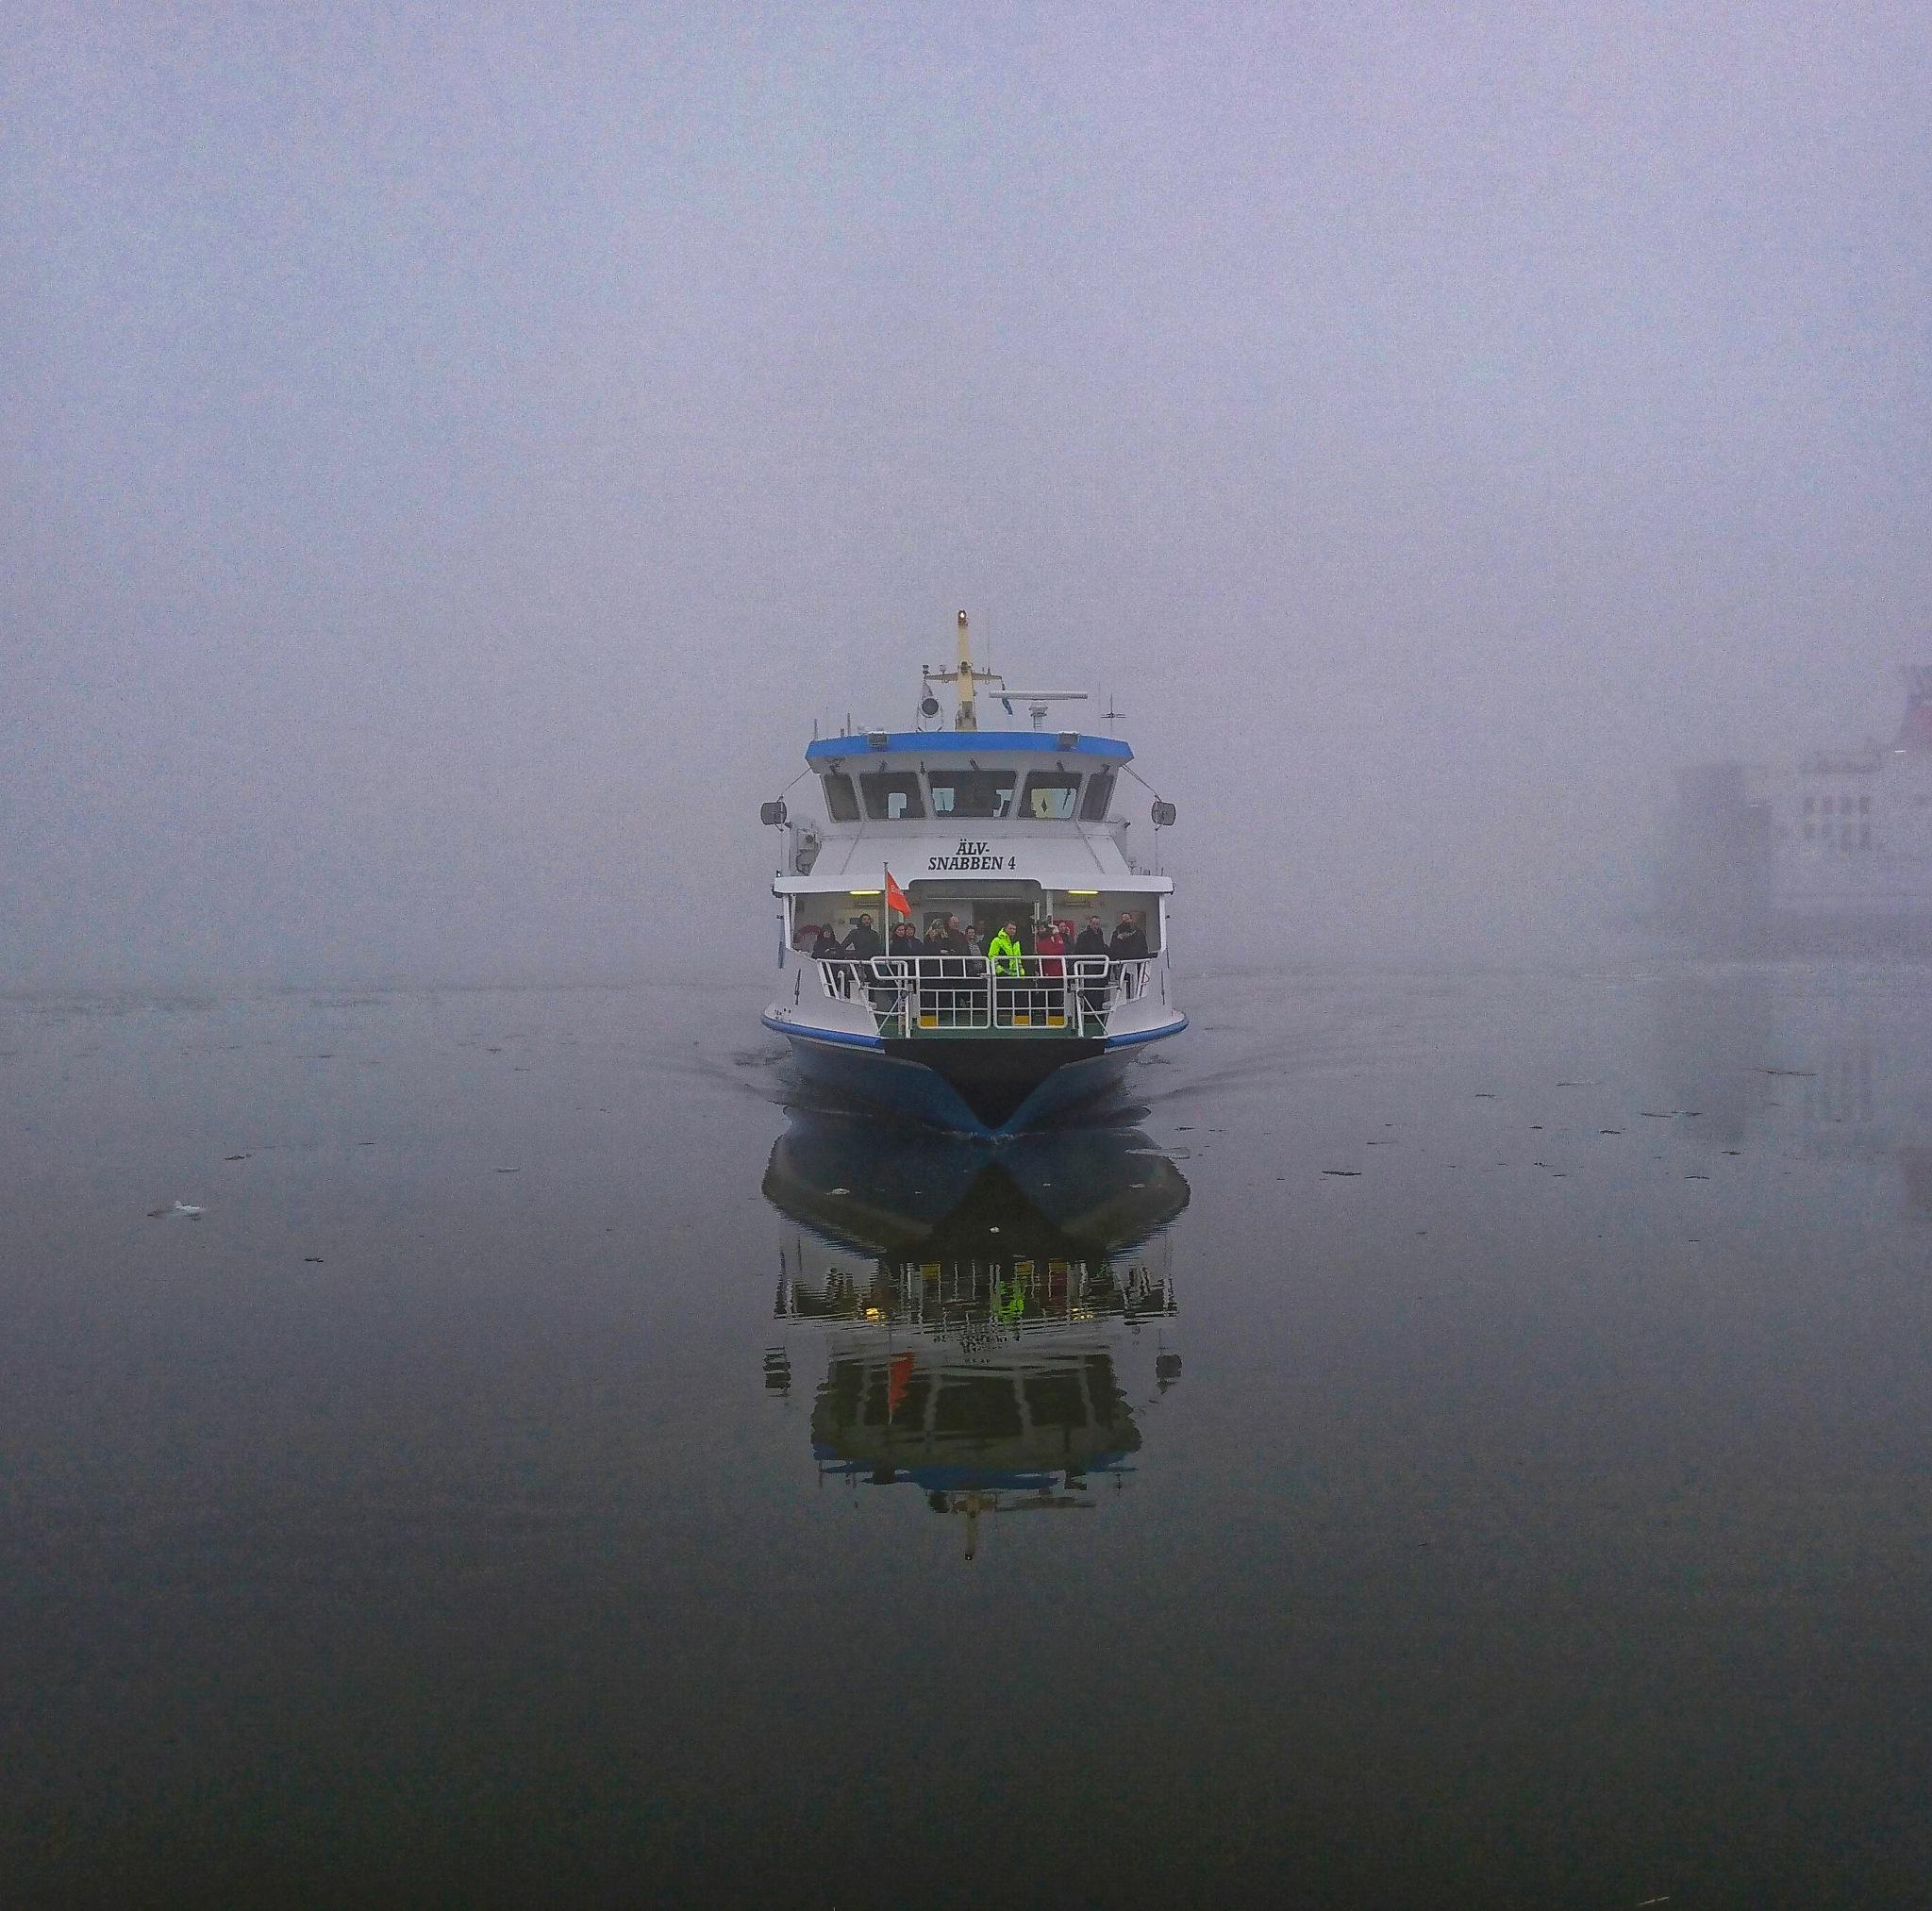 Ferry in the fog  by Krister Honkonen